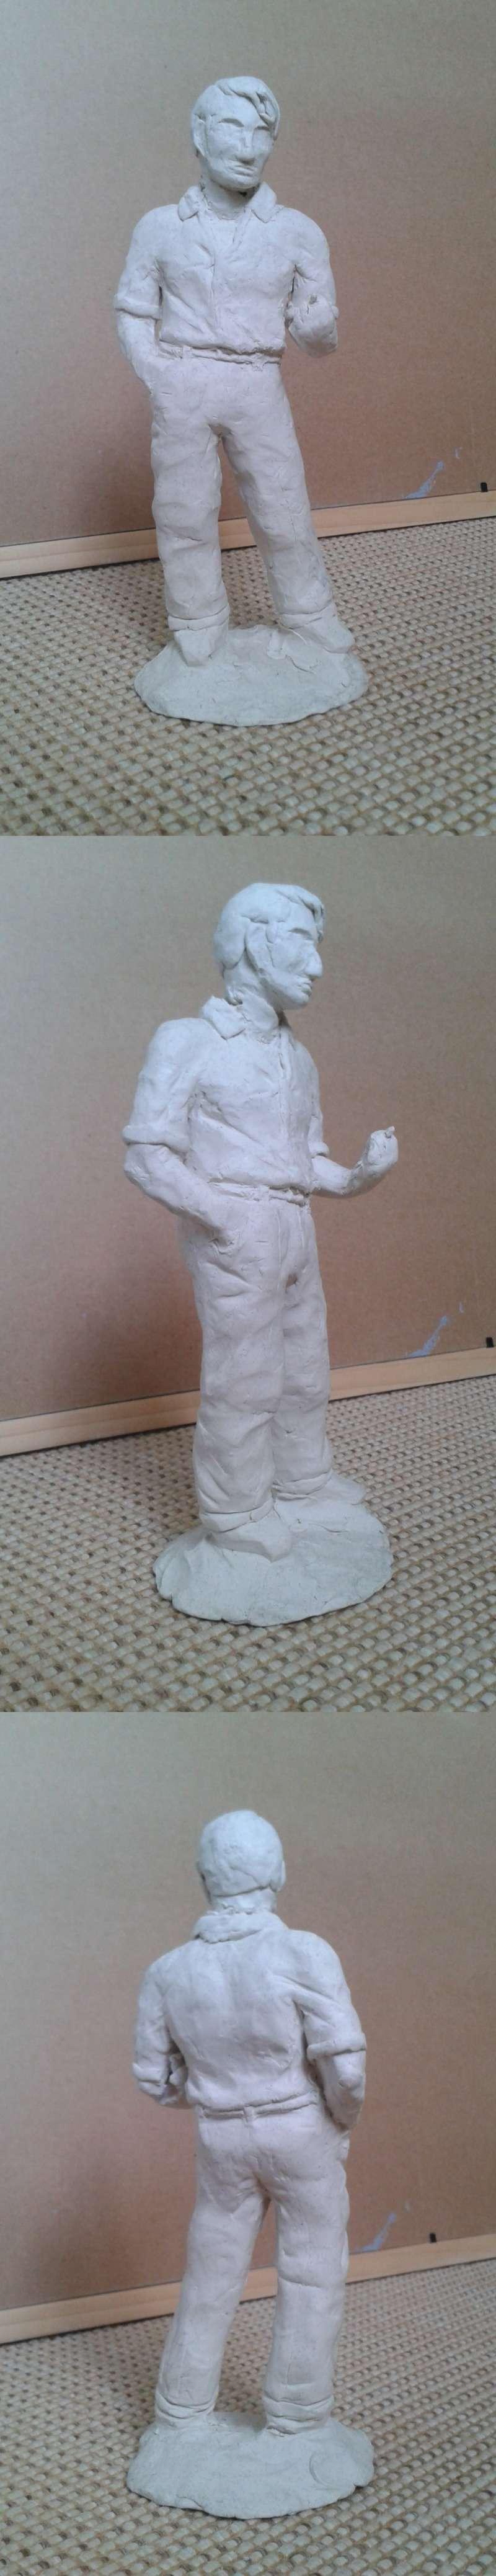 Retrouvailles - sculpture Pozzet16